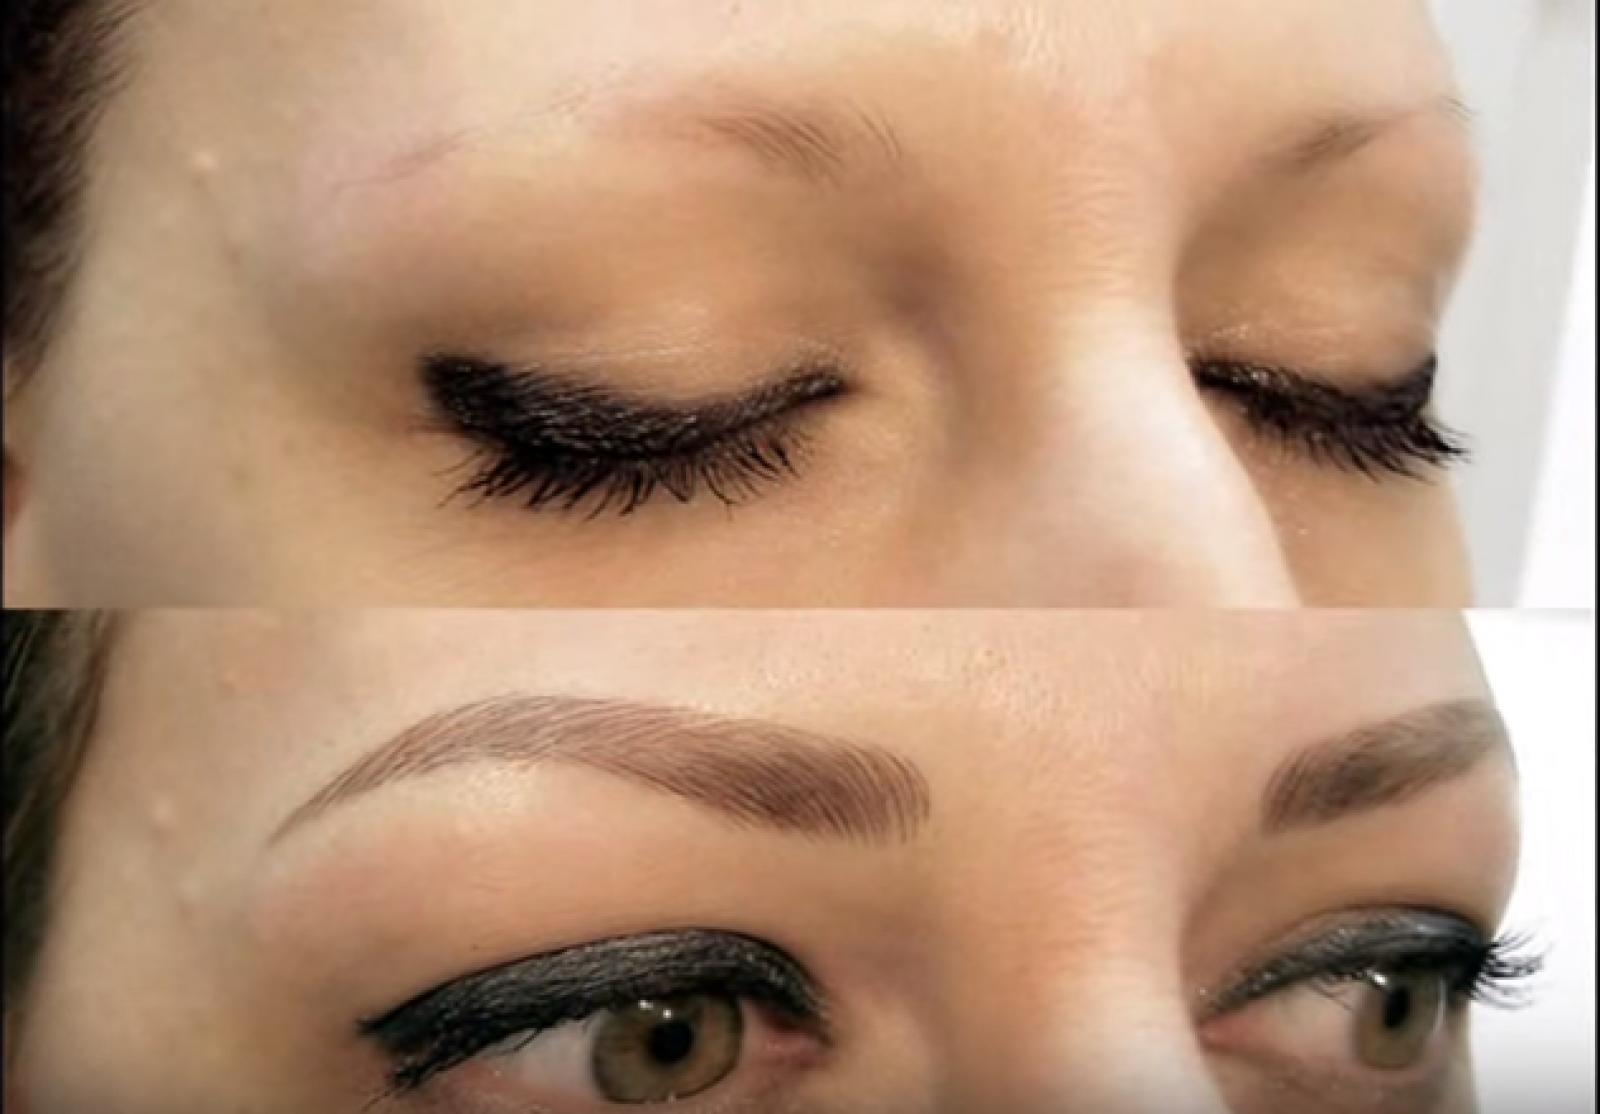 El antes y después de utilizar la técnica microblading para cejas.